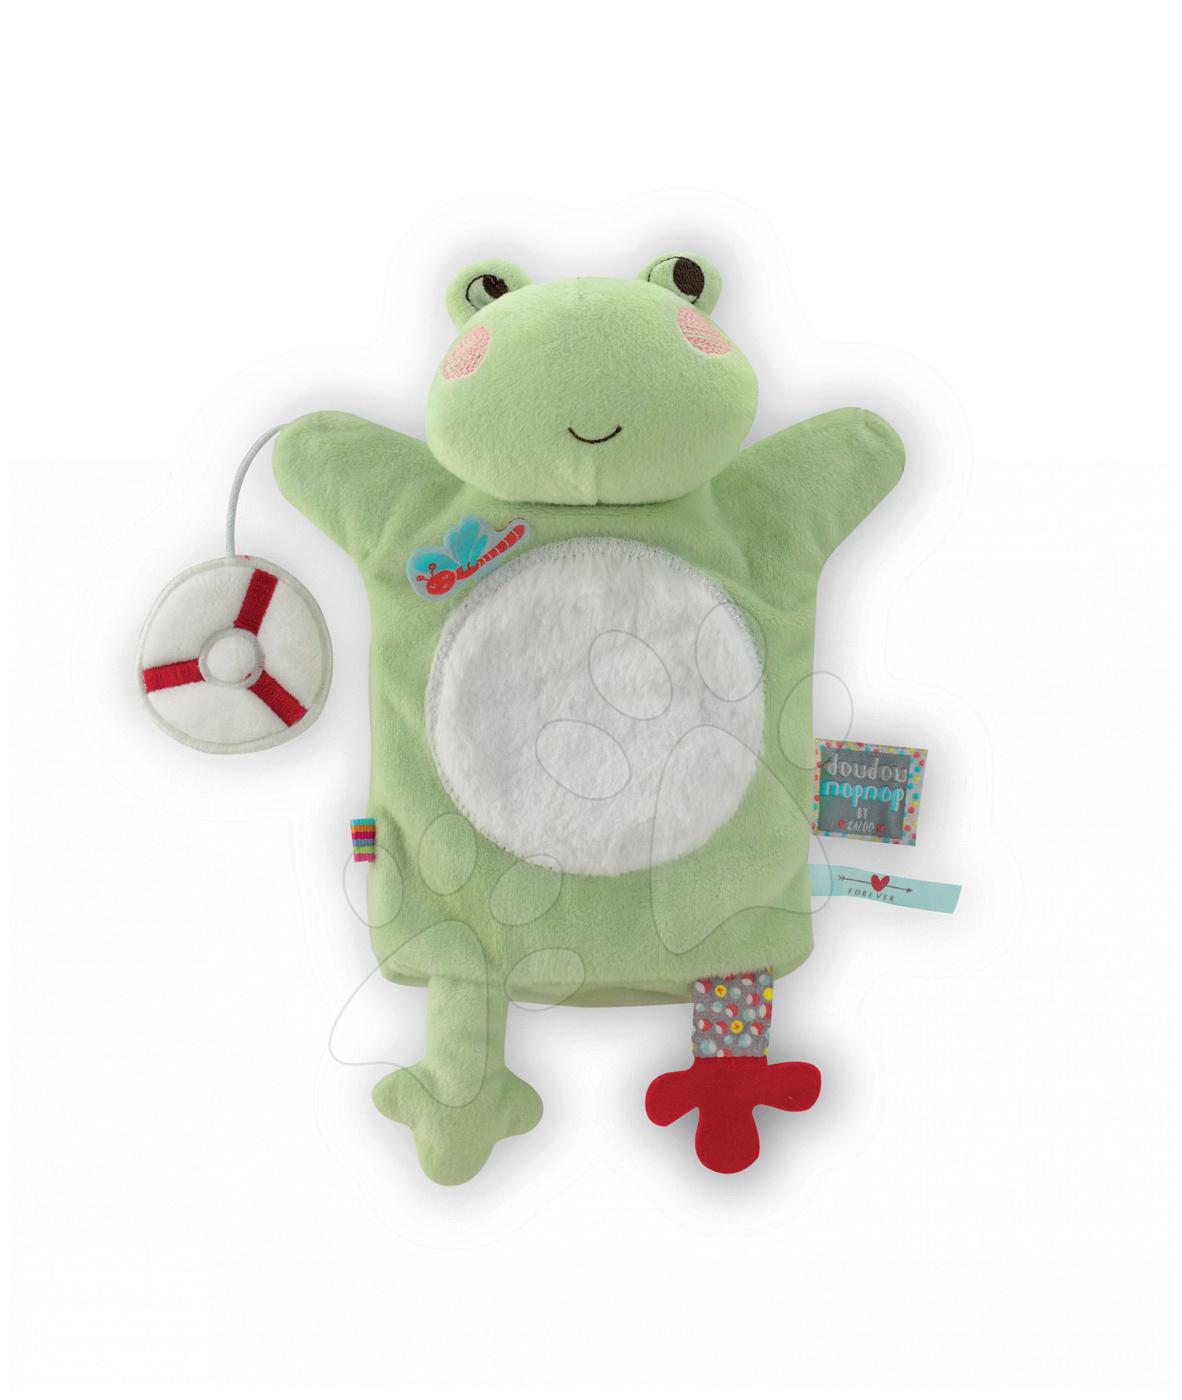 Kaloo plyšová žabka Nopnop-Bloom Frog Doudou 961422 zelená